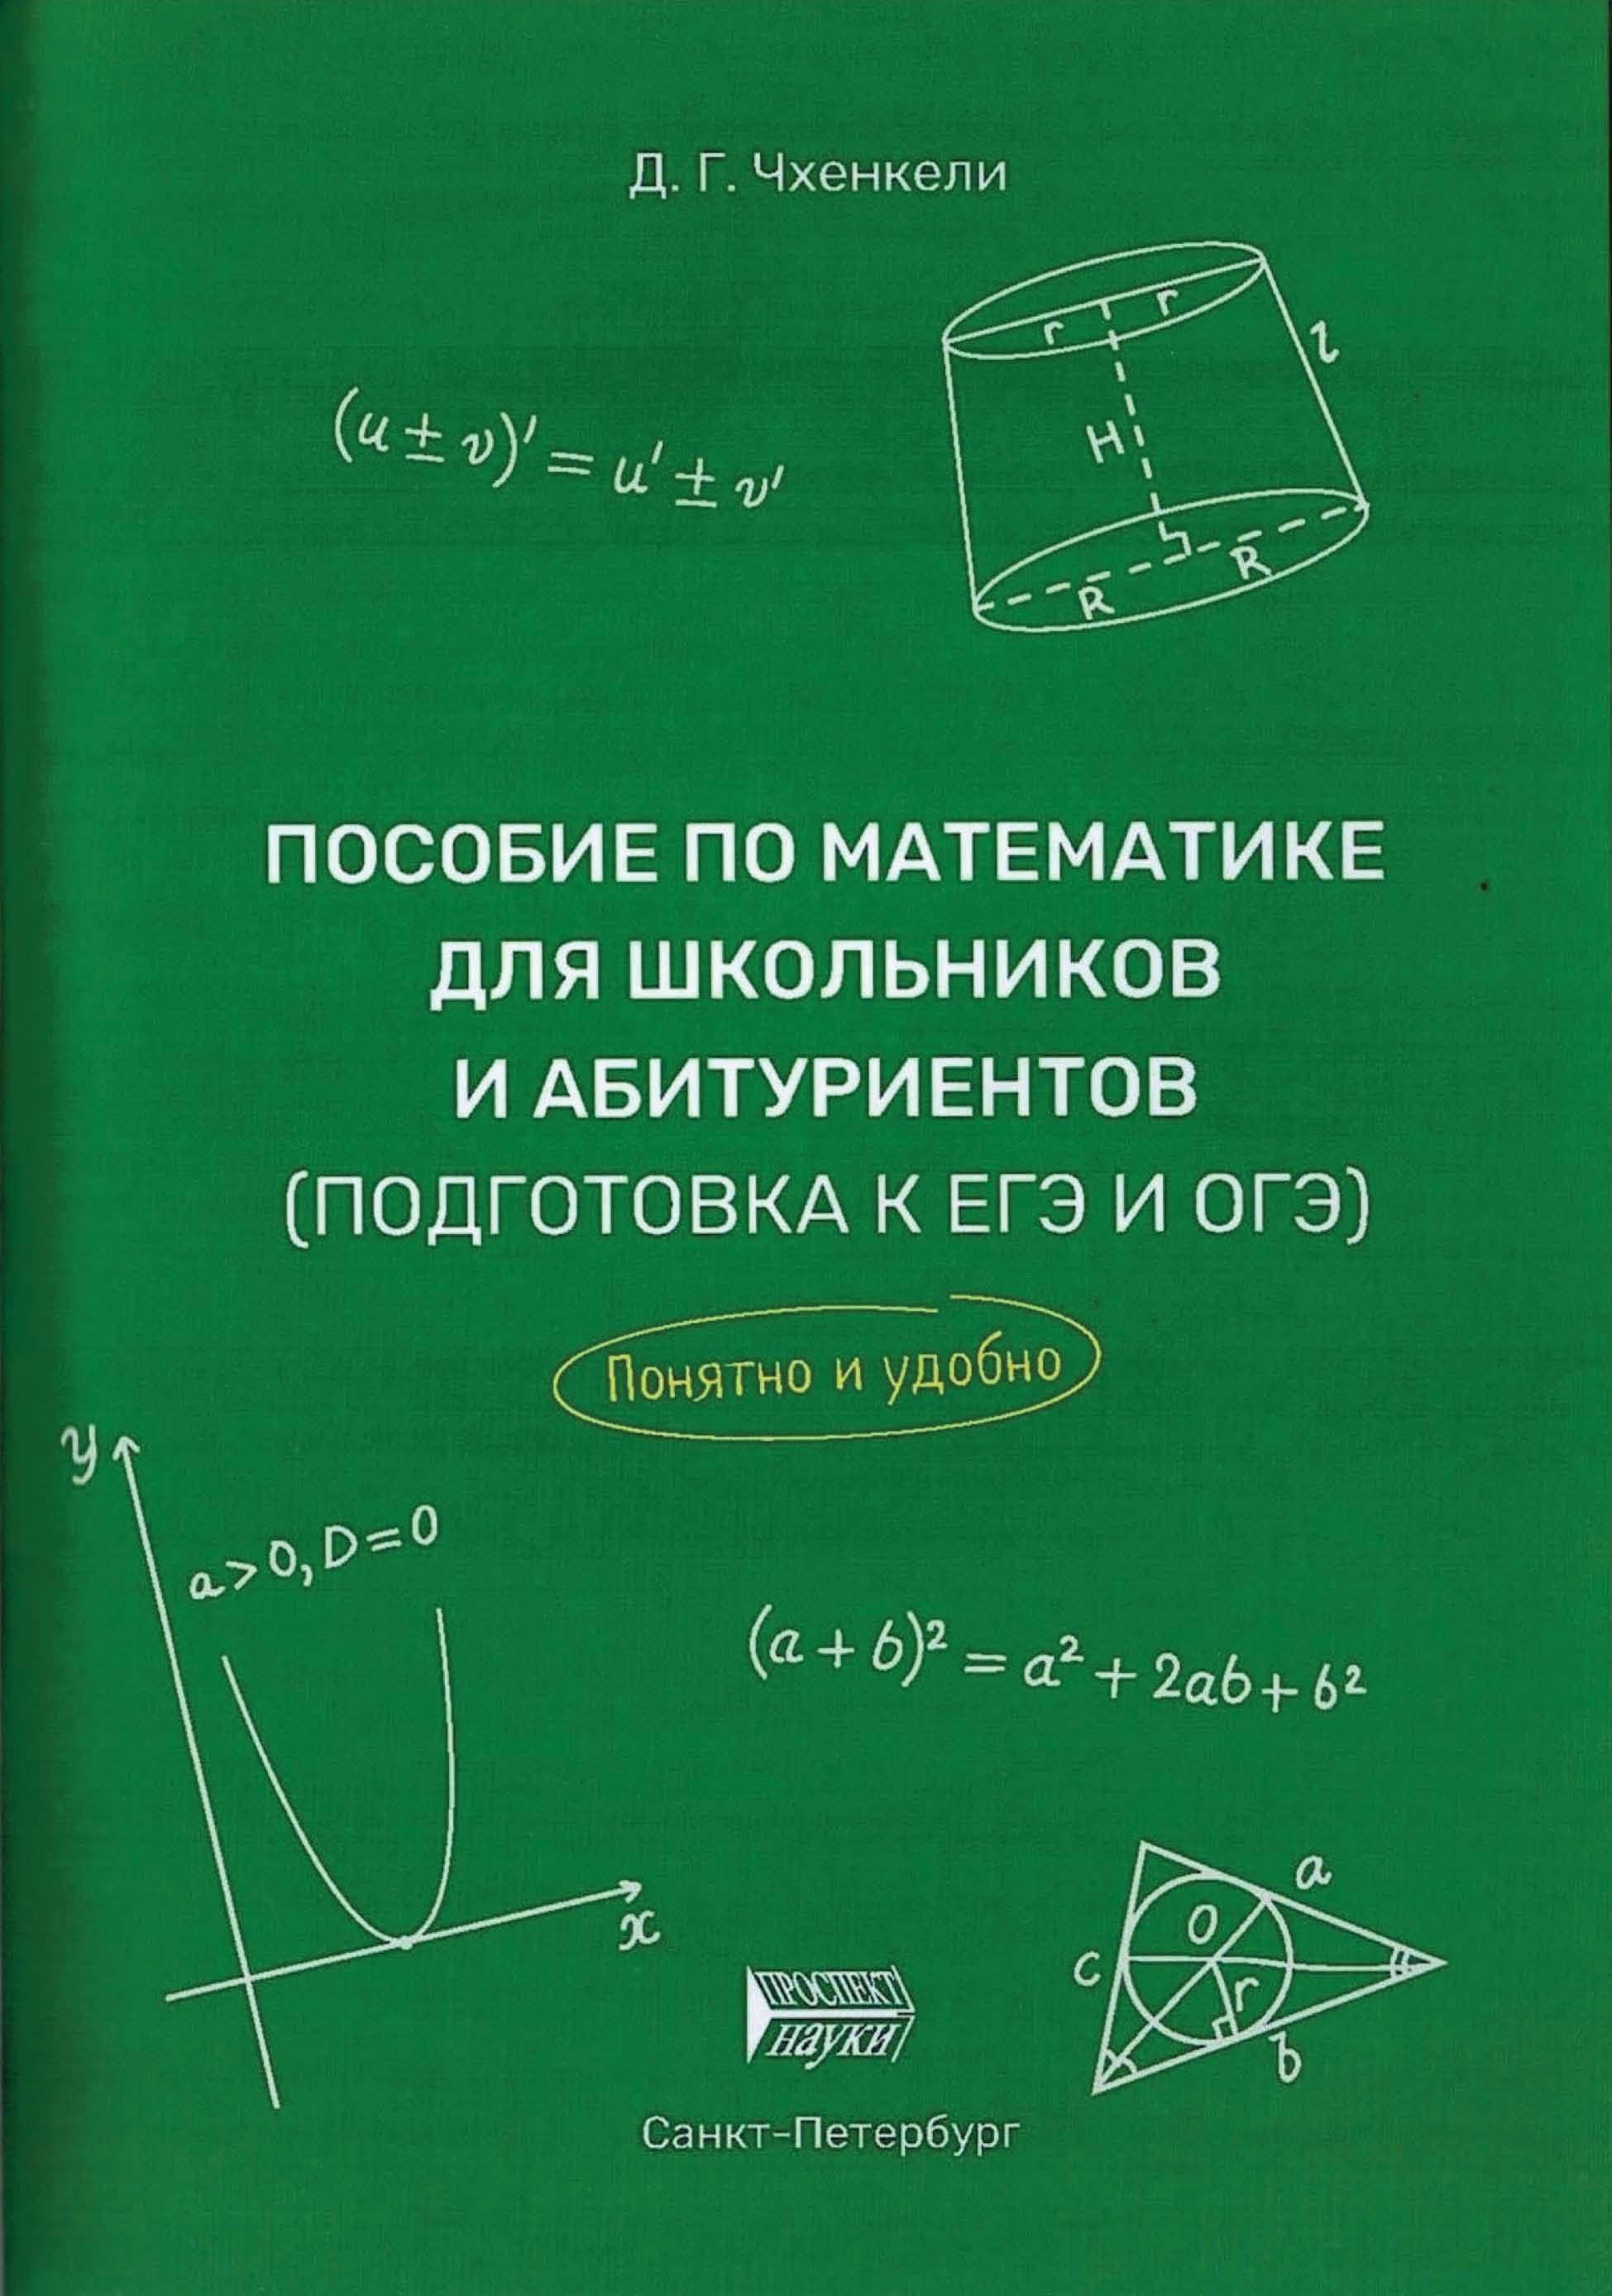 Давид Чхенкели - Пособие по математике для школьников и абитуриентов. Подготовка к ЕГЭ и ОГЭ